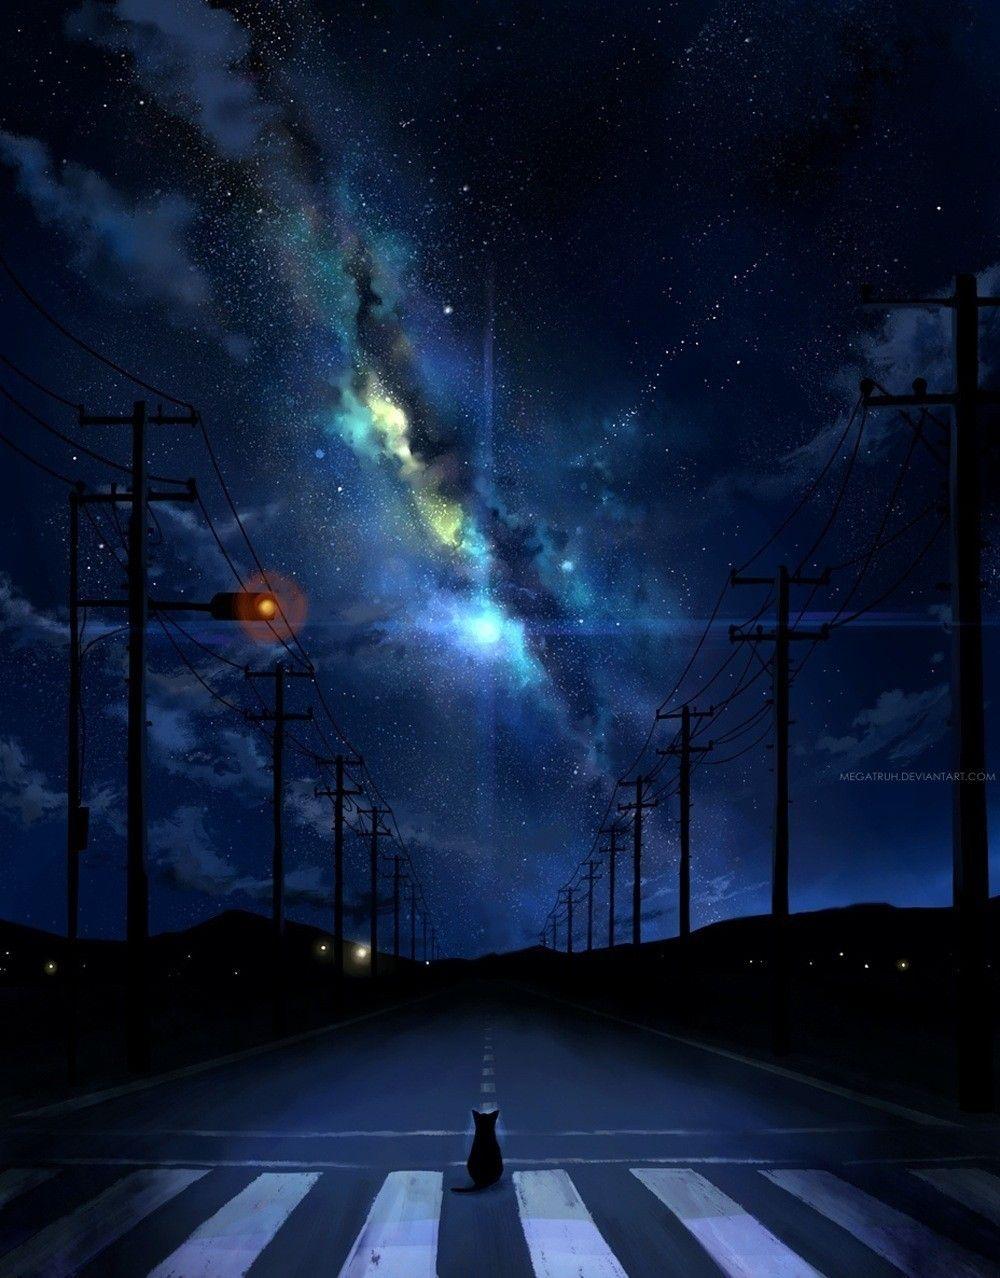 8 4 Jpg Jpeg 画像 1000x1278 Px 風景 夜空 イラスト ランダム写真